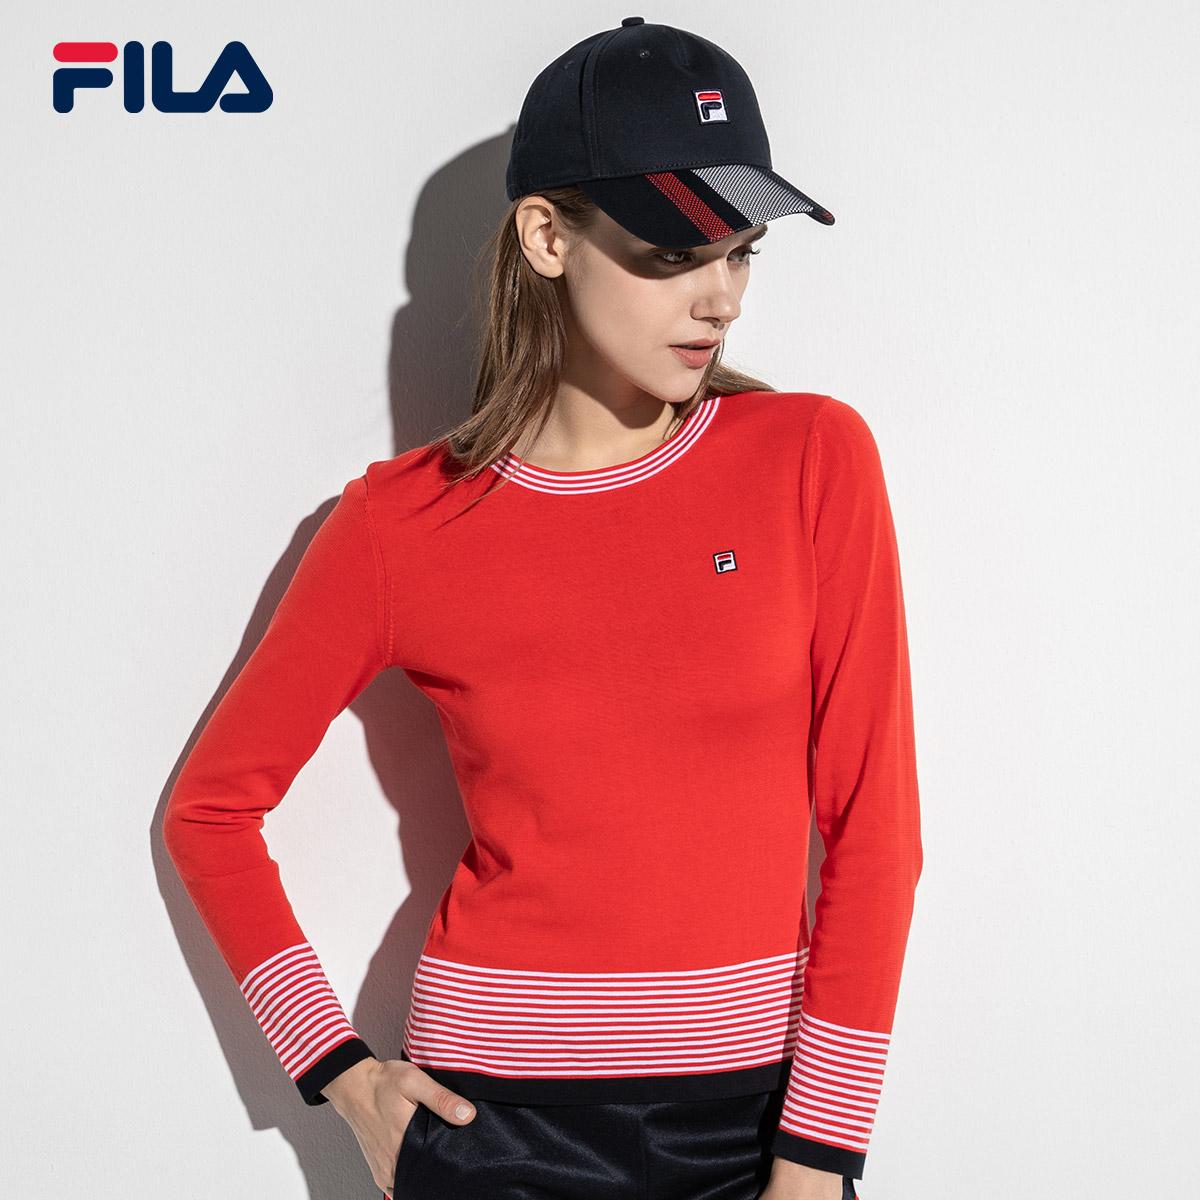 FILA斐乐女线衫2018新款舒适休闲运动针织衫编织衫女